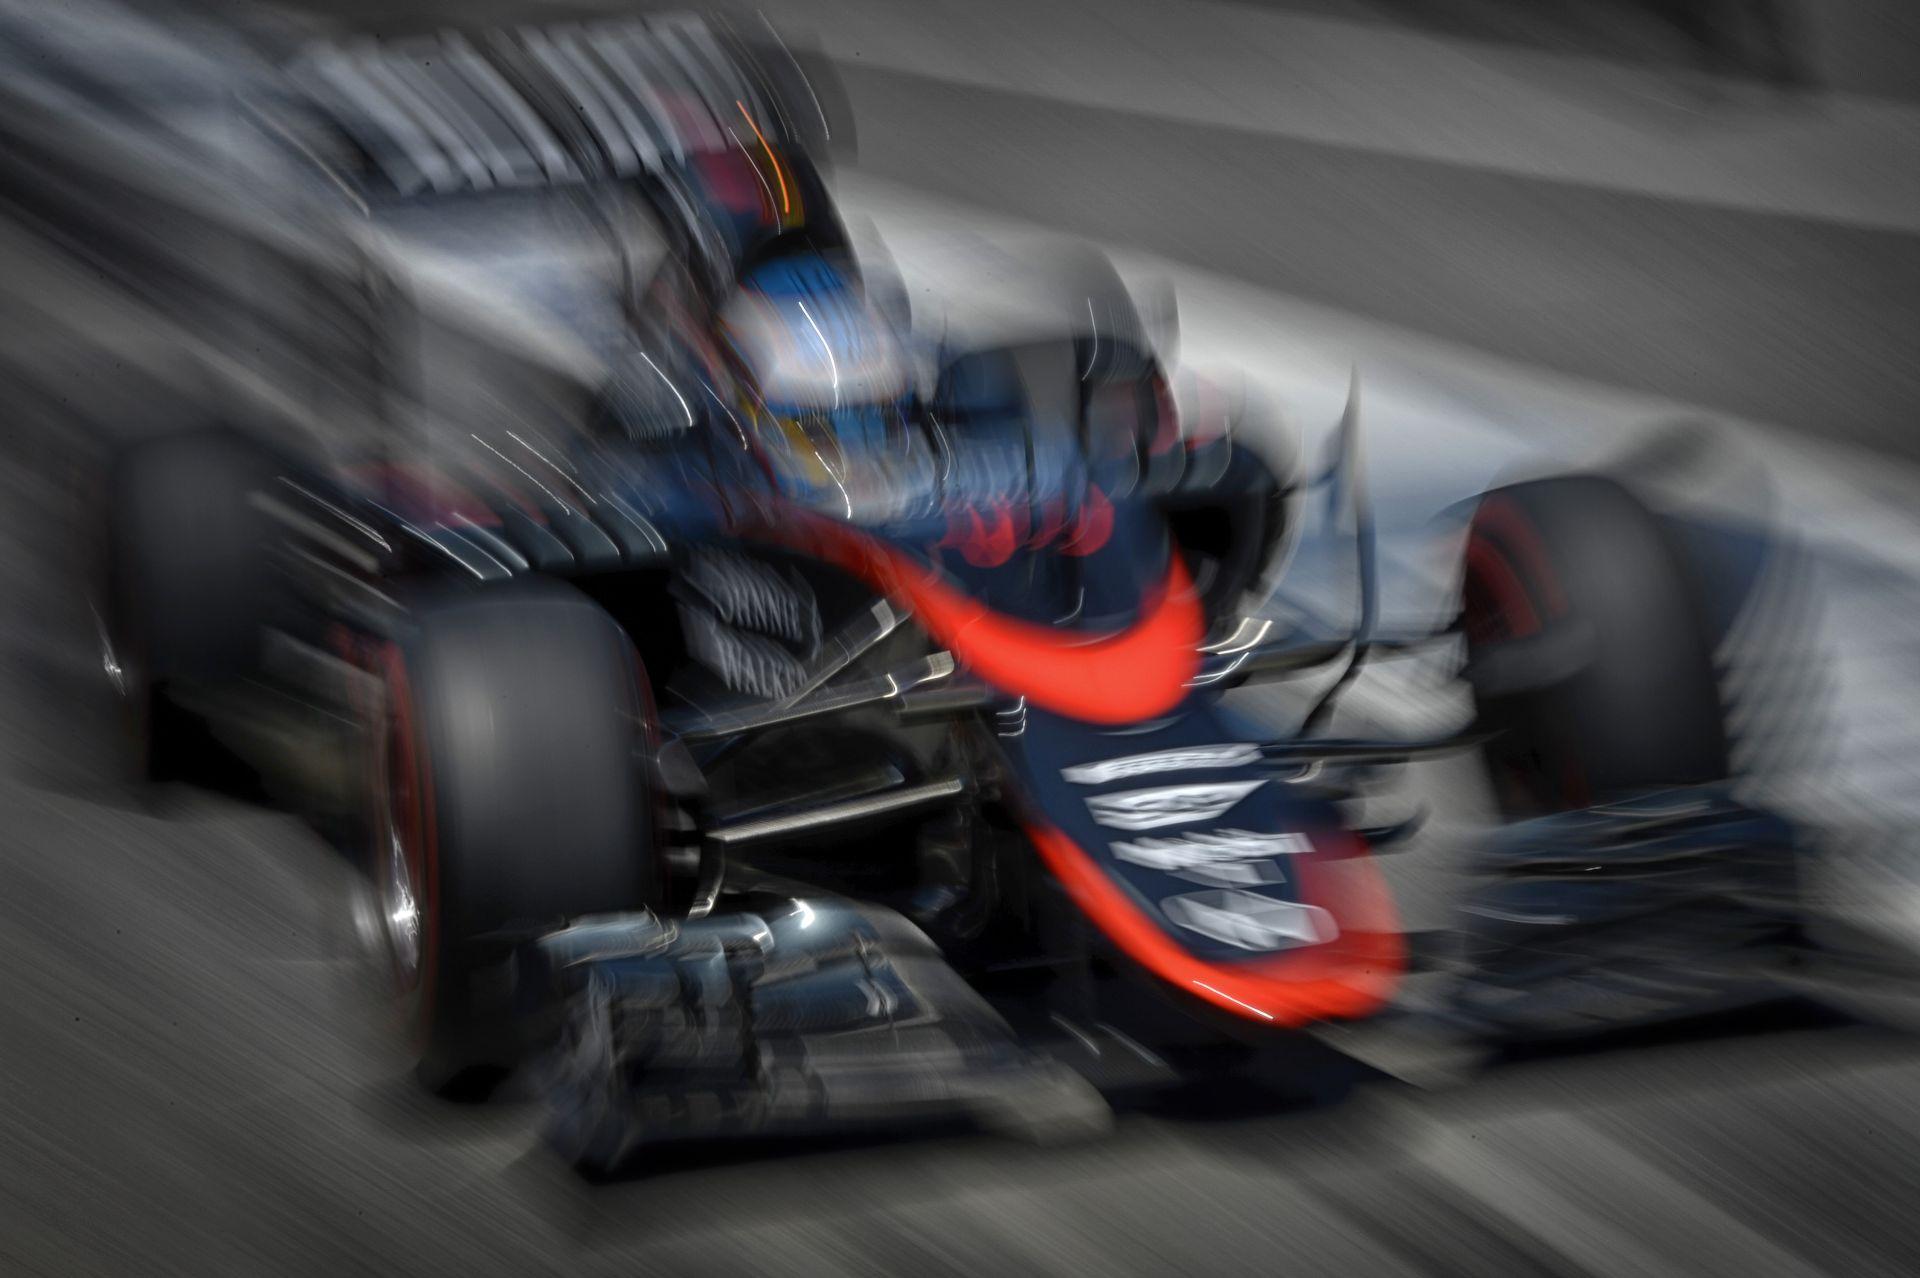 Valami nagyon nem stimmel a McLaren-Hondánál